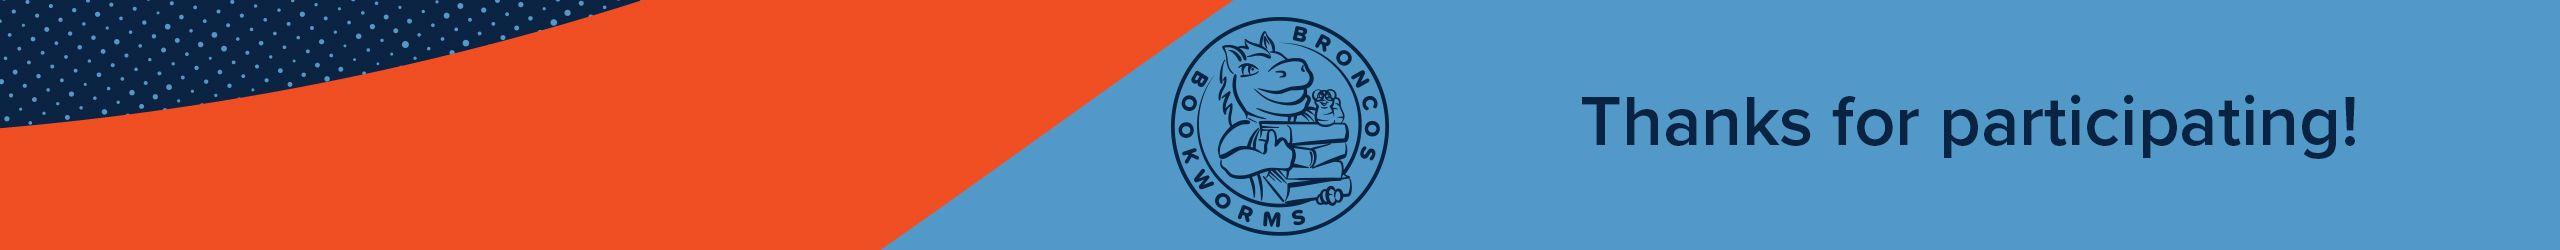 BRONCOS BOOKWORMS